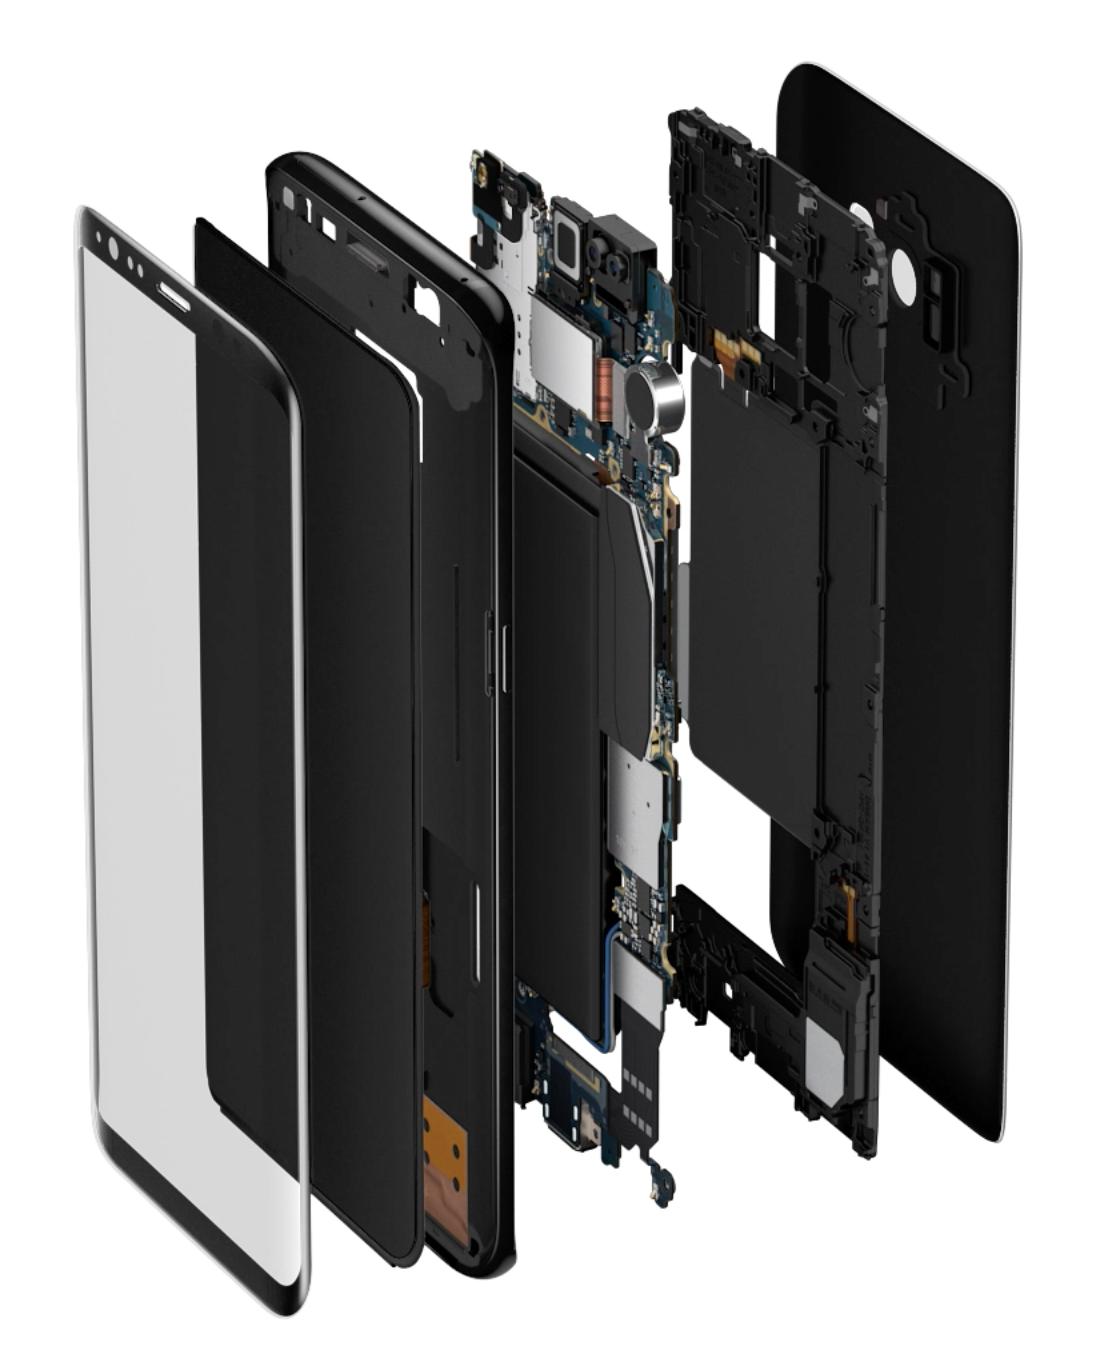 Samsung Galaxy S8 и S8+ официально представили. Мы собрали информацию о новинке